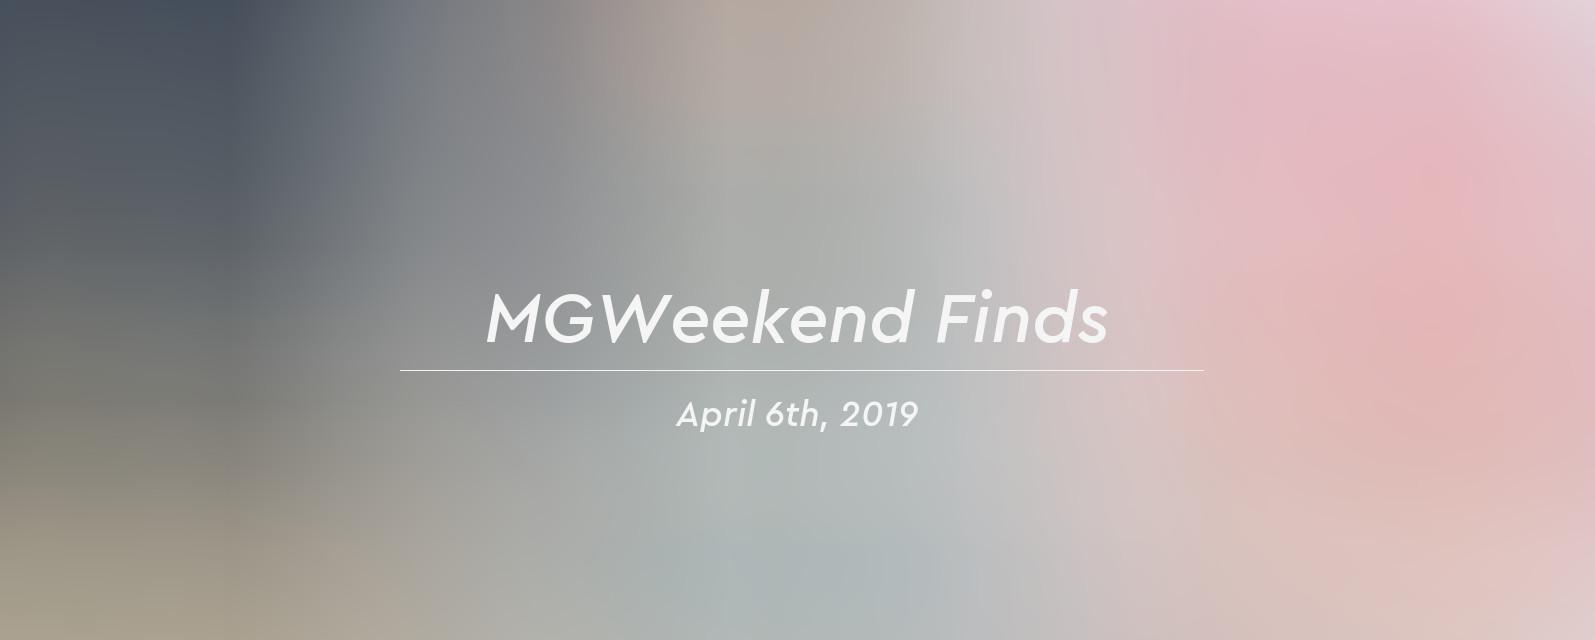 mgweekend finds 2019 04 06 header